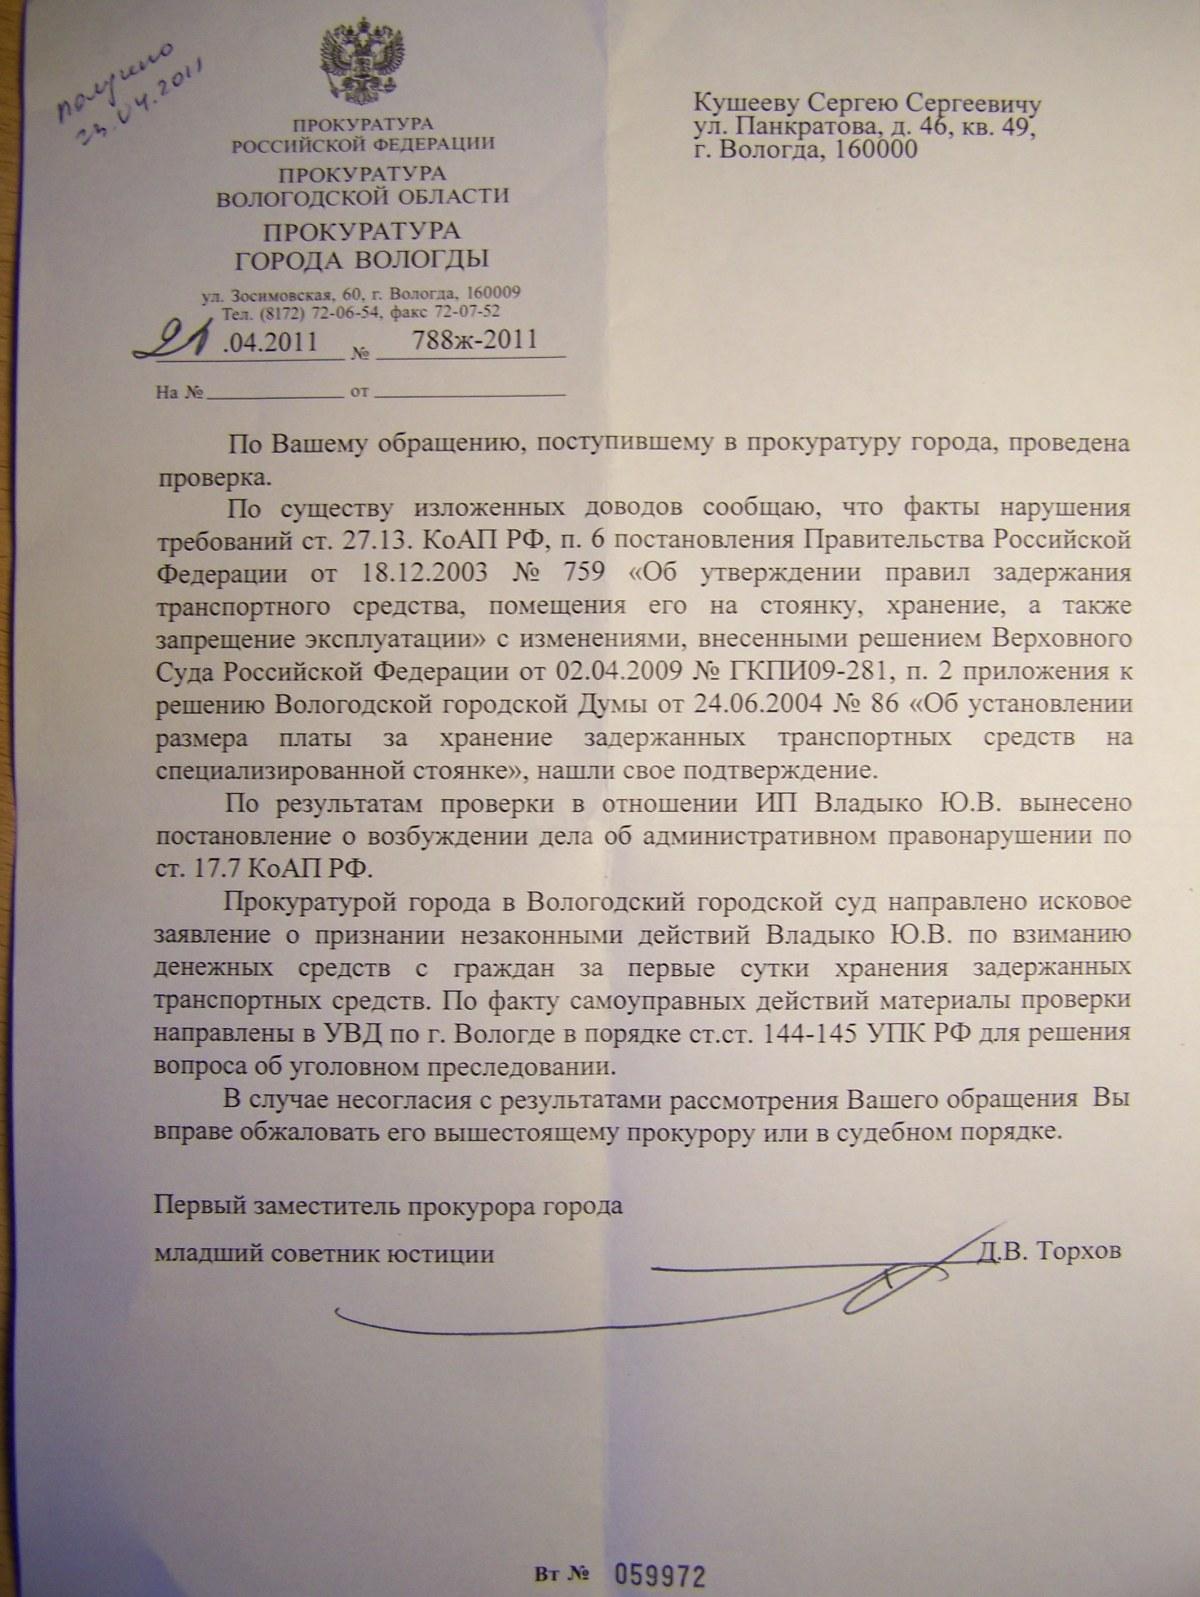 6 марта 2009г в генеральную и первомайскую прокуратуры были поданы заявления о привлечении к